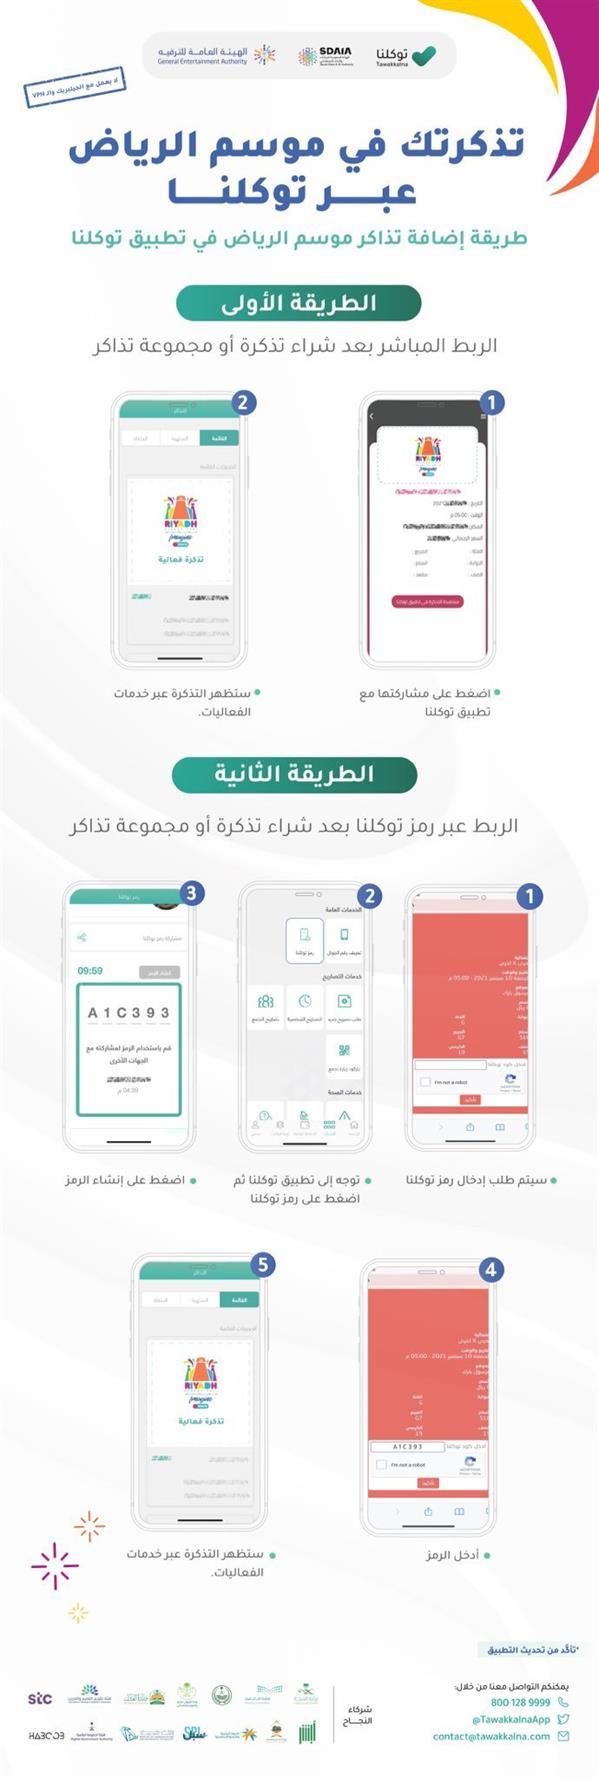 """""""توكلنا"""" يوضح طريقتين لإضافة واستعراض تذاكر """"موسم الرياض"""" بالتطبيق"""